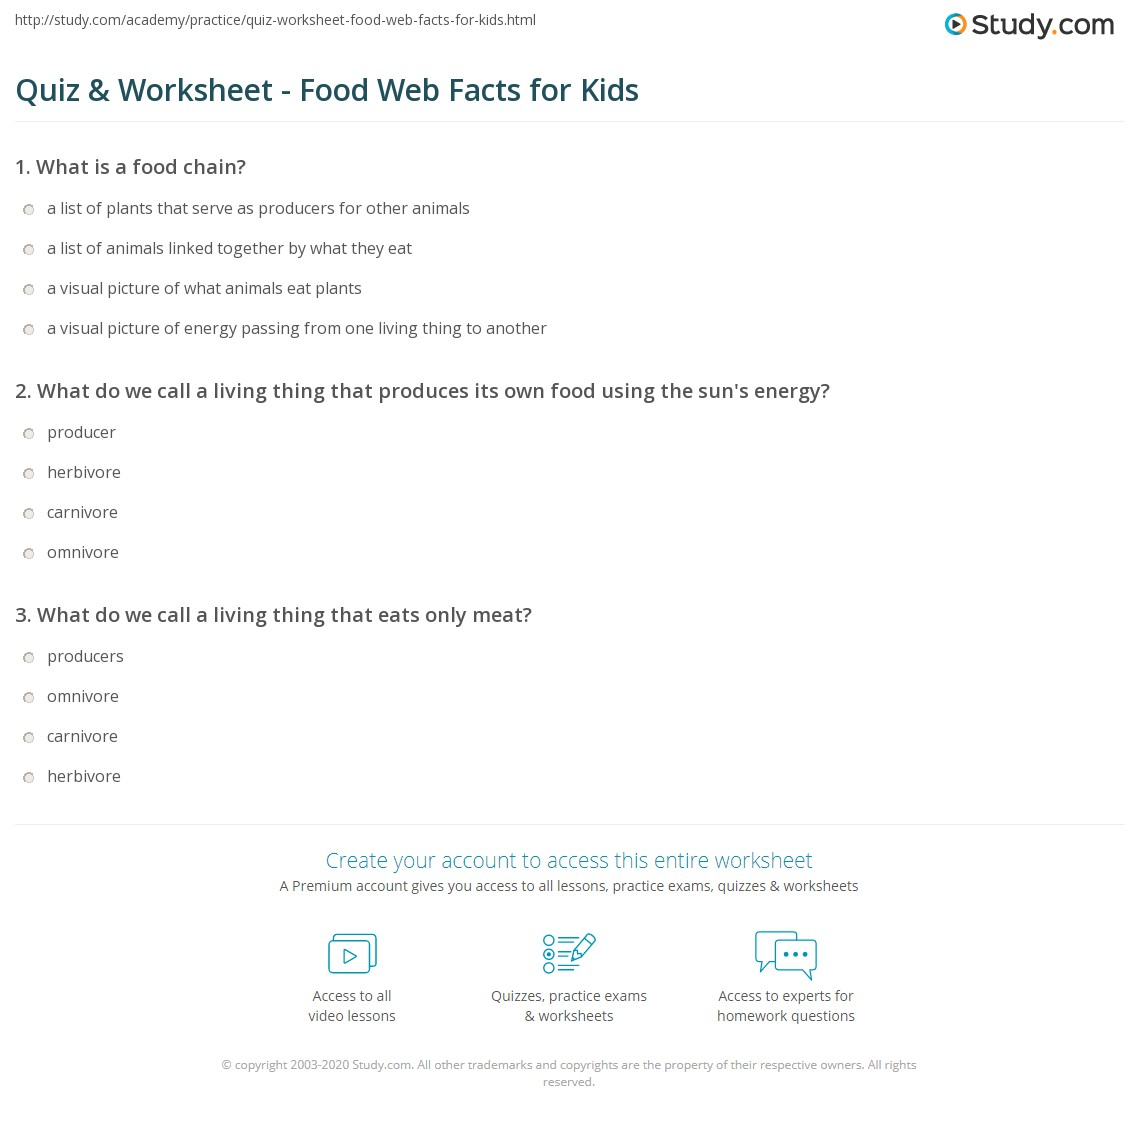 Worksheets Food Webs For Kids Worksheets quiz worksheet food web facts for kids study com print lesson definition examples worksheet